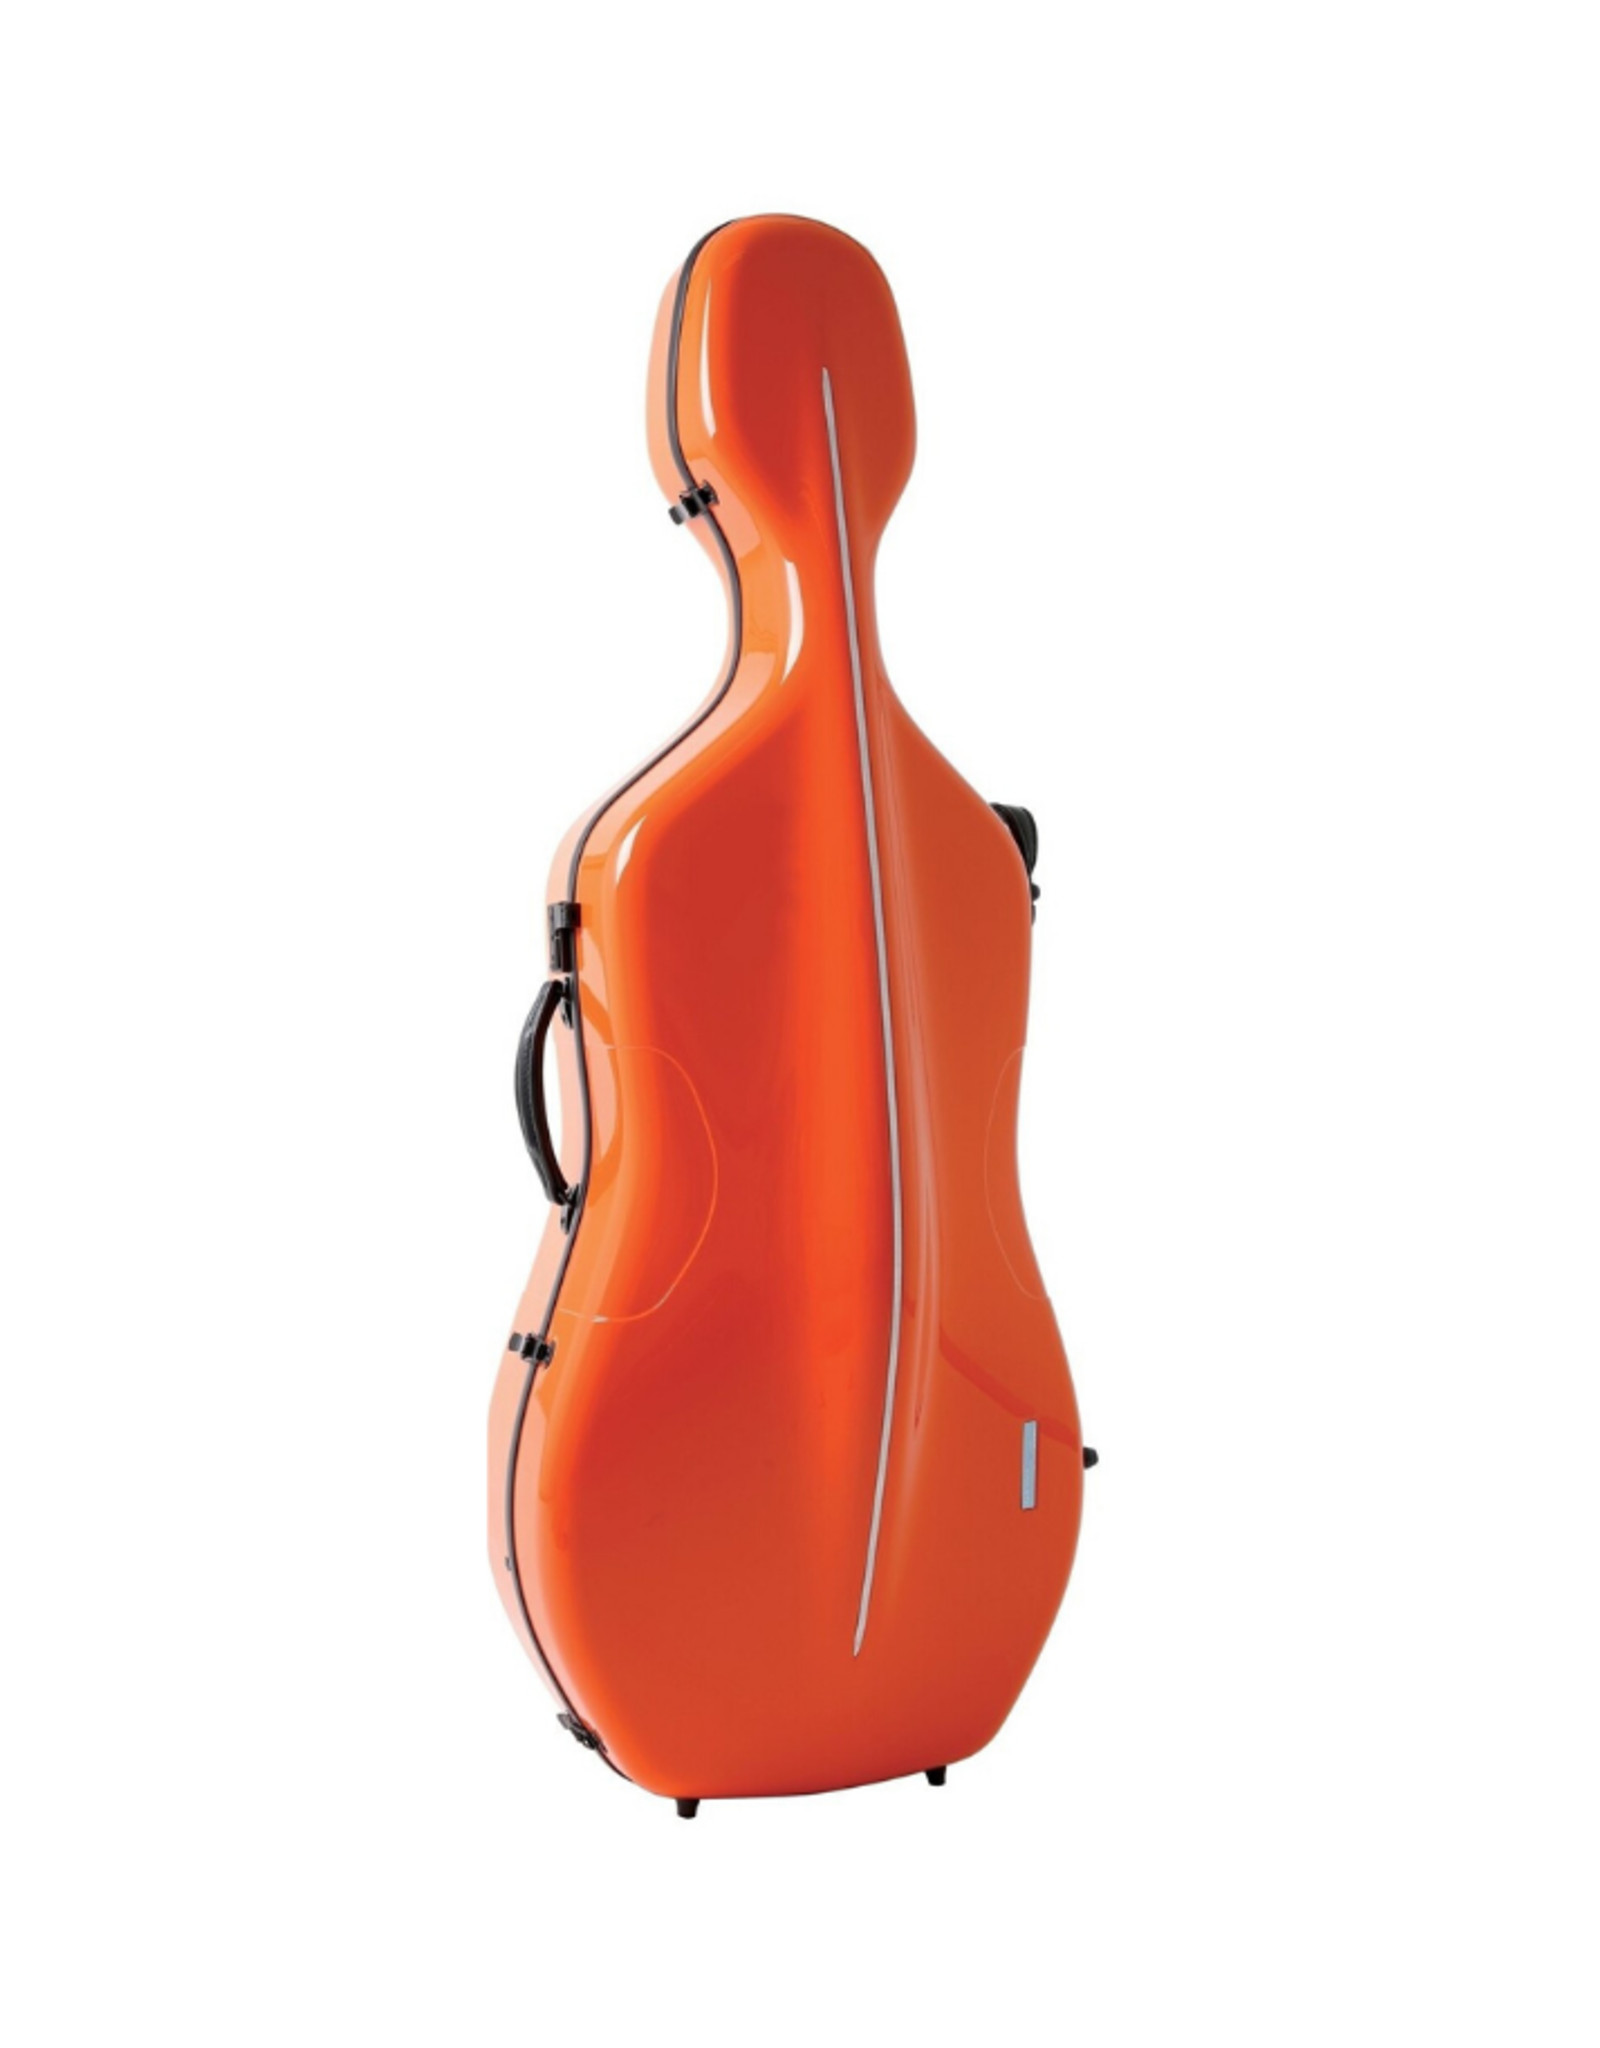 GEWA Air Carbonkist Cello ORANJE, 3,9 kg, plaats voor 2 bogen, glanzend, aluminiumbrugbescherming, cijferslot